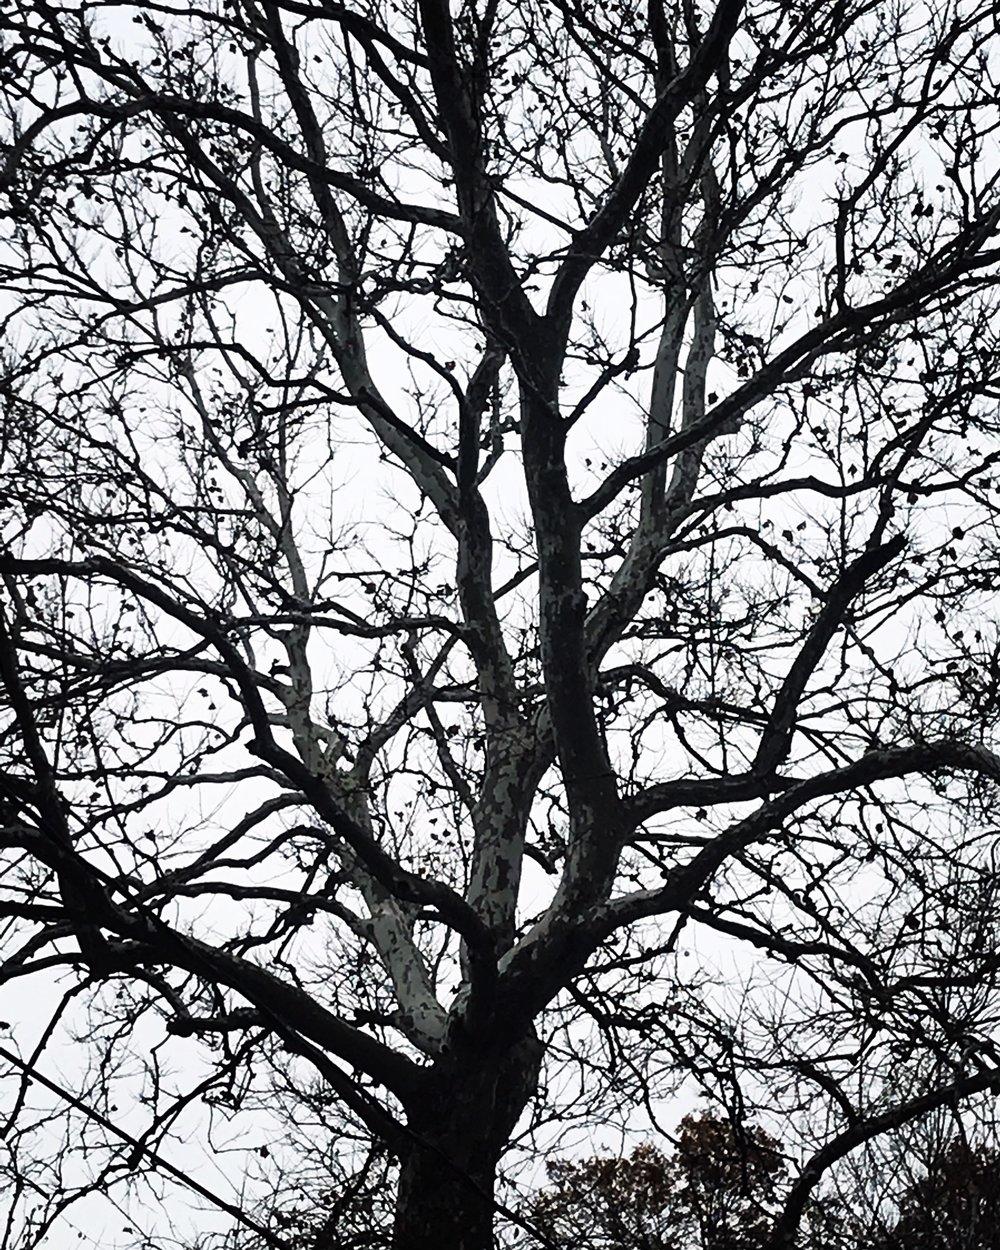 Morning Tree, December